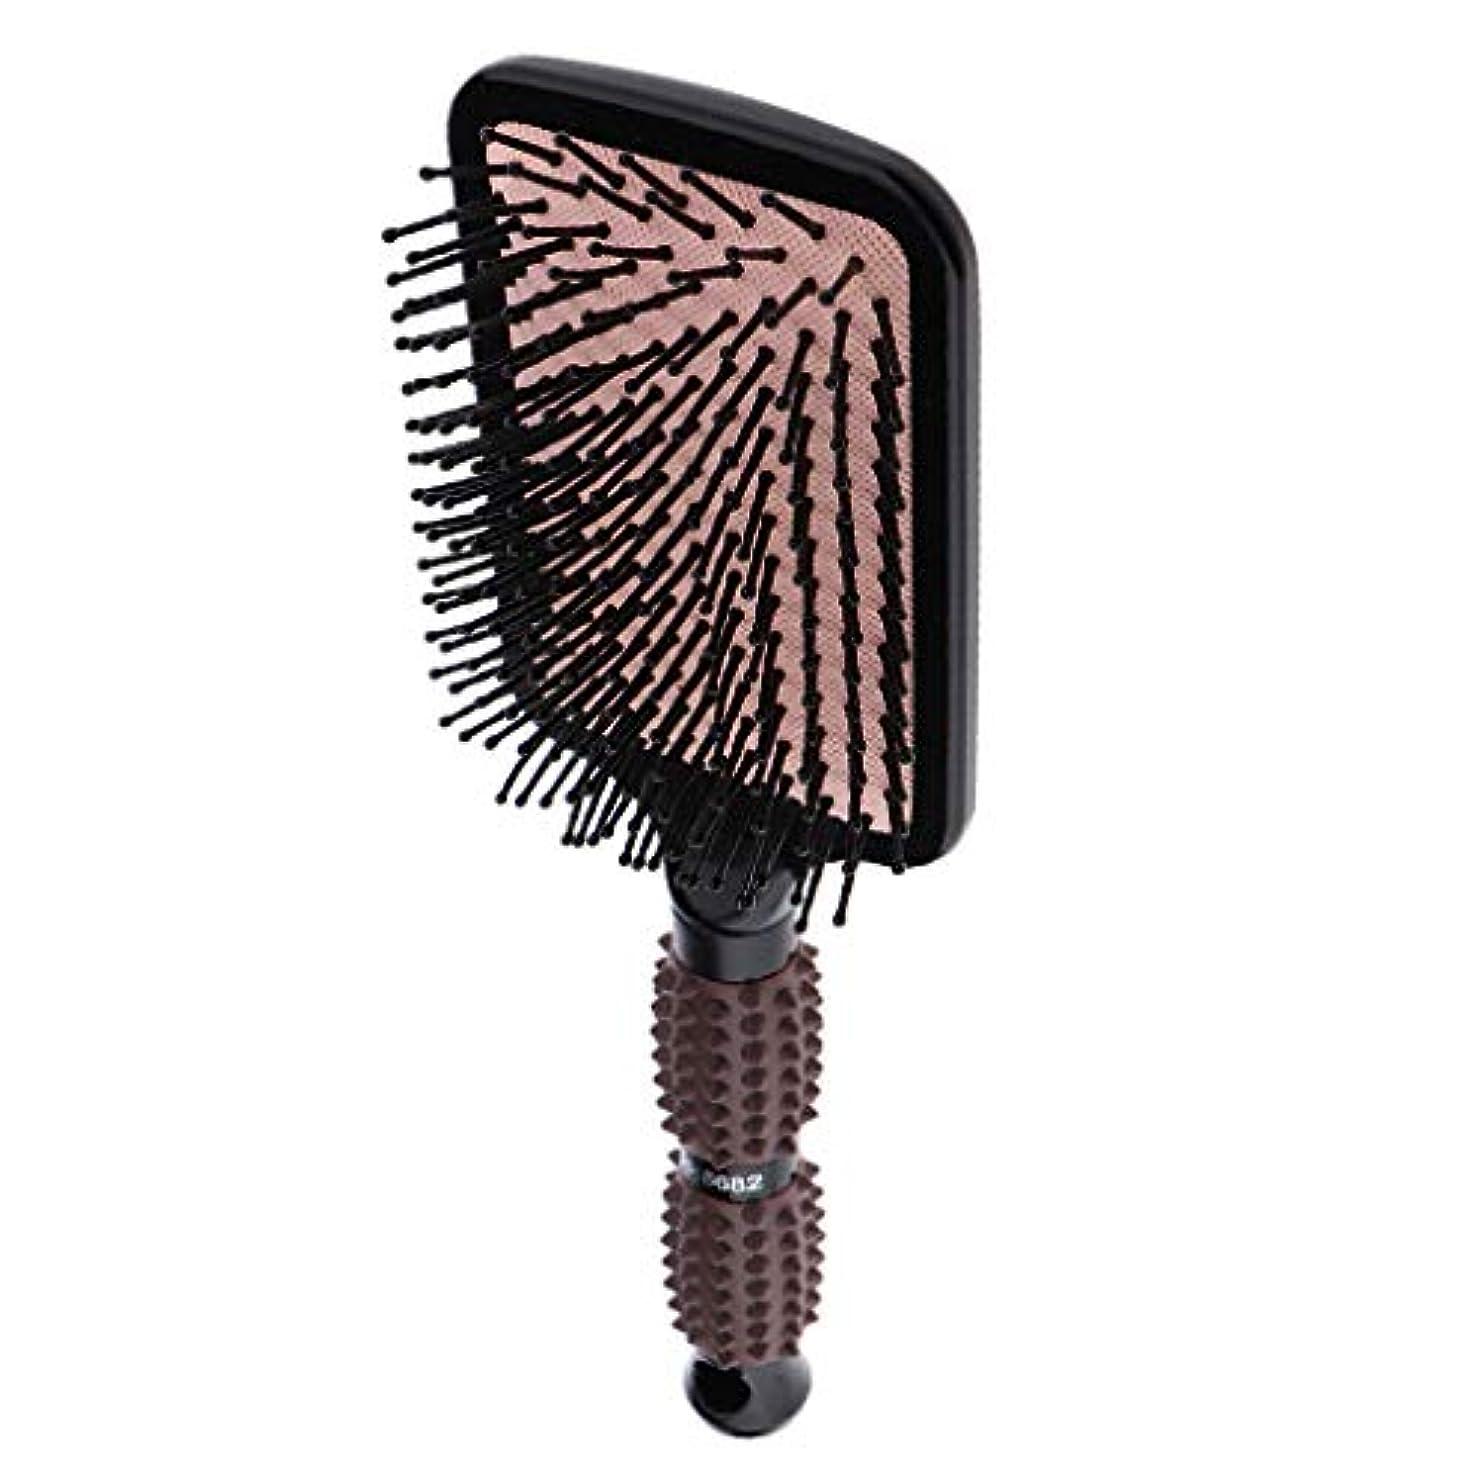 有効化質量極めて重要なヘアブラシ 櫛 くし 頭皮/肩/顔マッサージコーム 美髪ケア 血行促進 薄毛改善 全2サイズ - スクエア